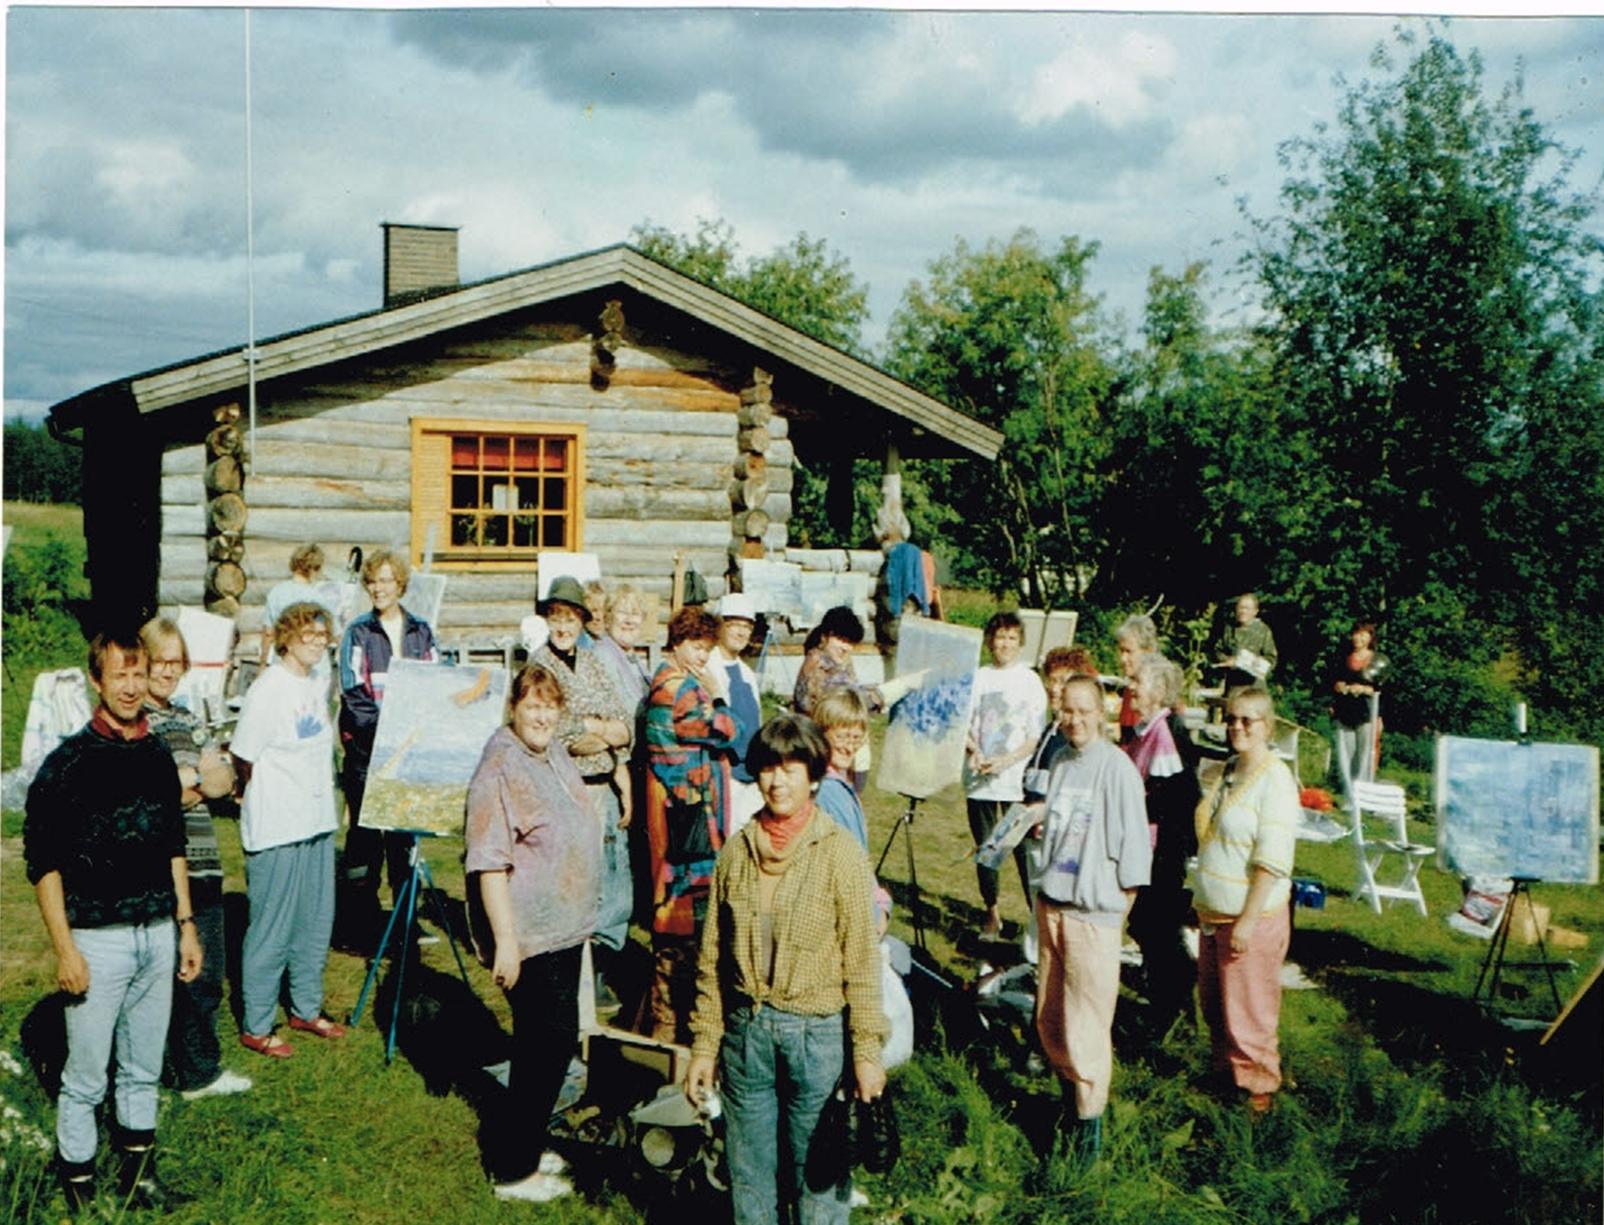 Kurssilaiset 1992 kuva 1.png